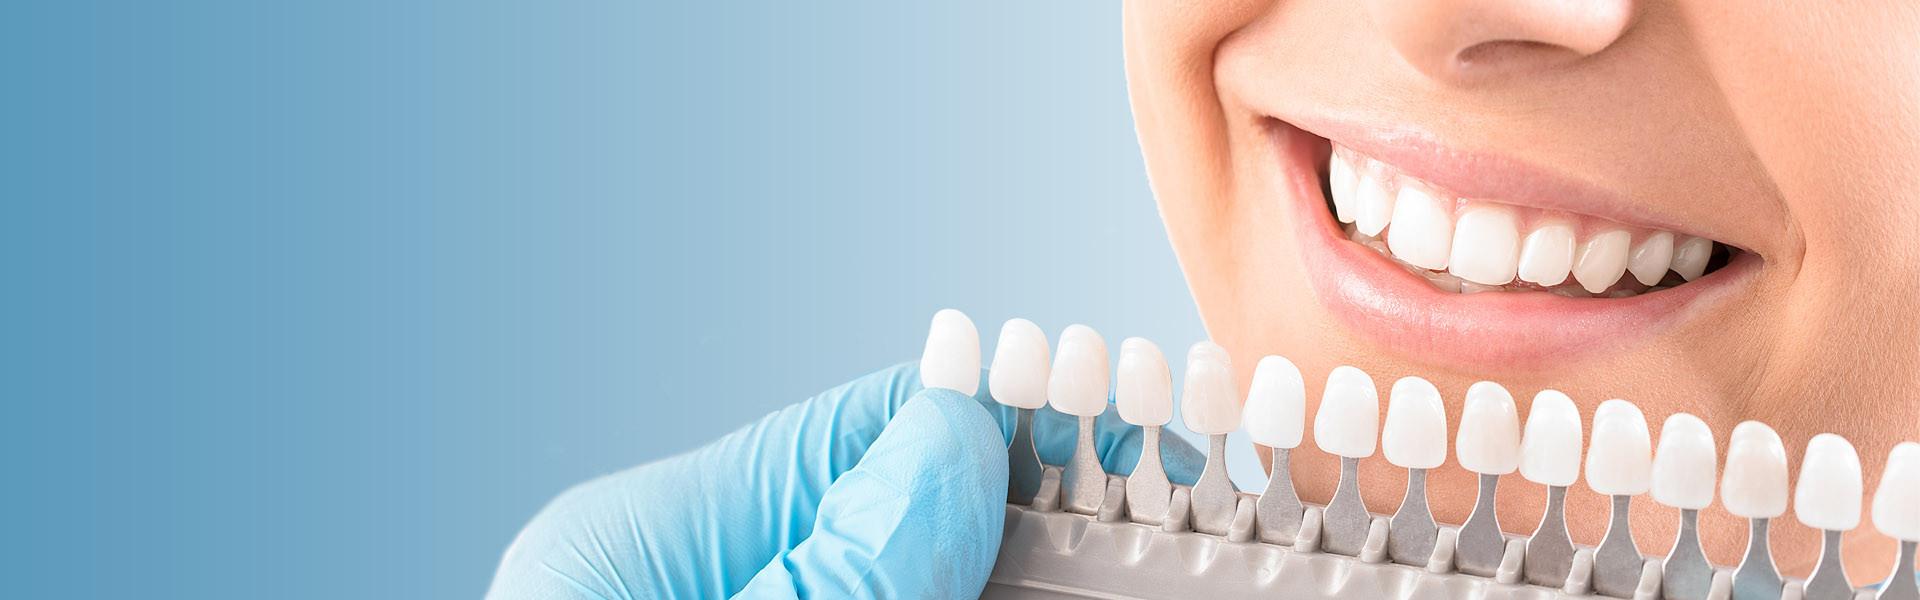 Идеальная улыбка с Zoom 4 - 22 000 — Стоматология Митино ДИНАСТИЯ-М